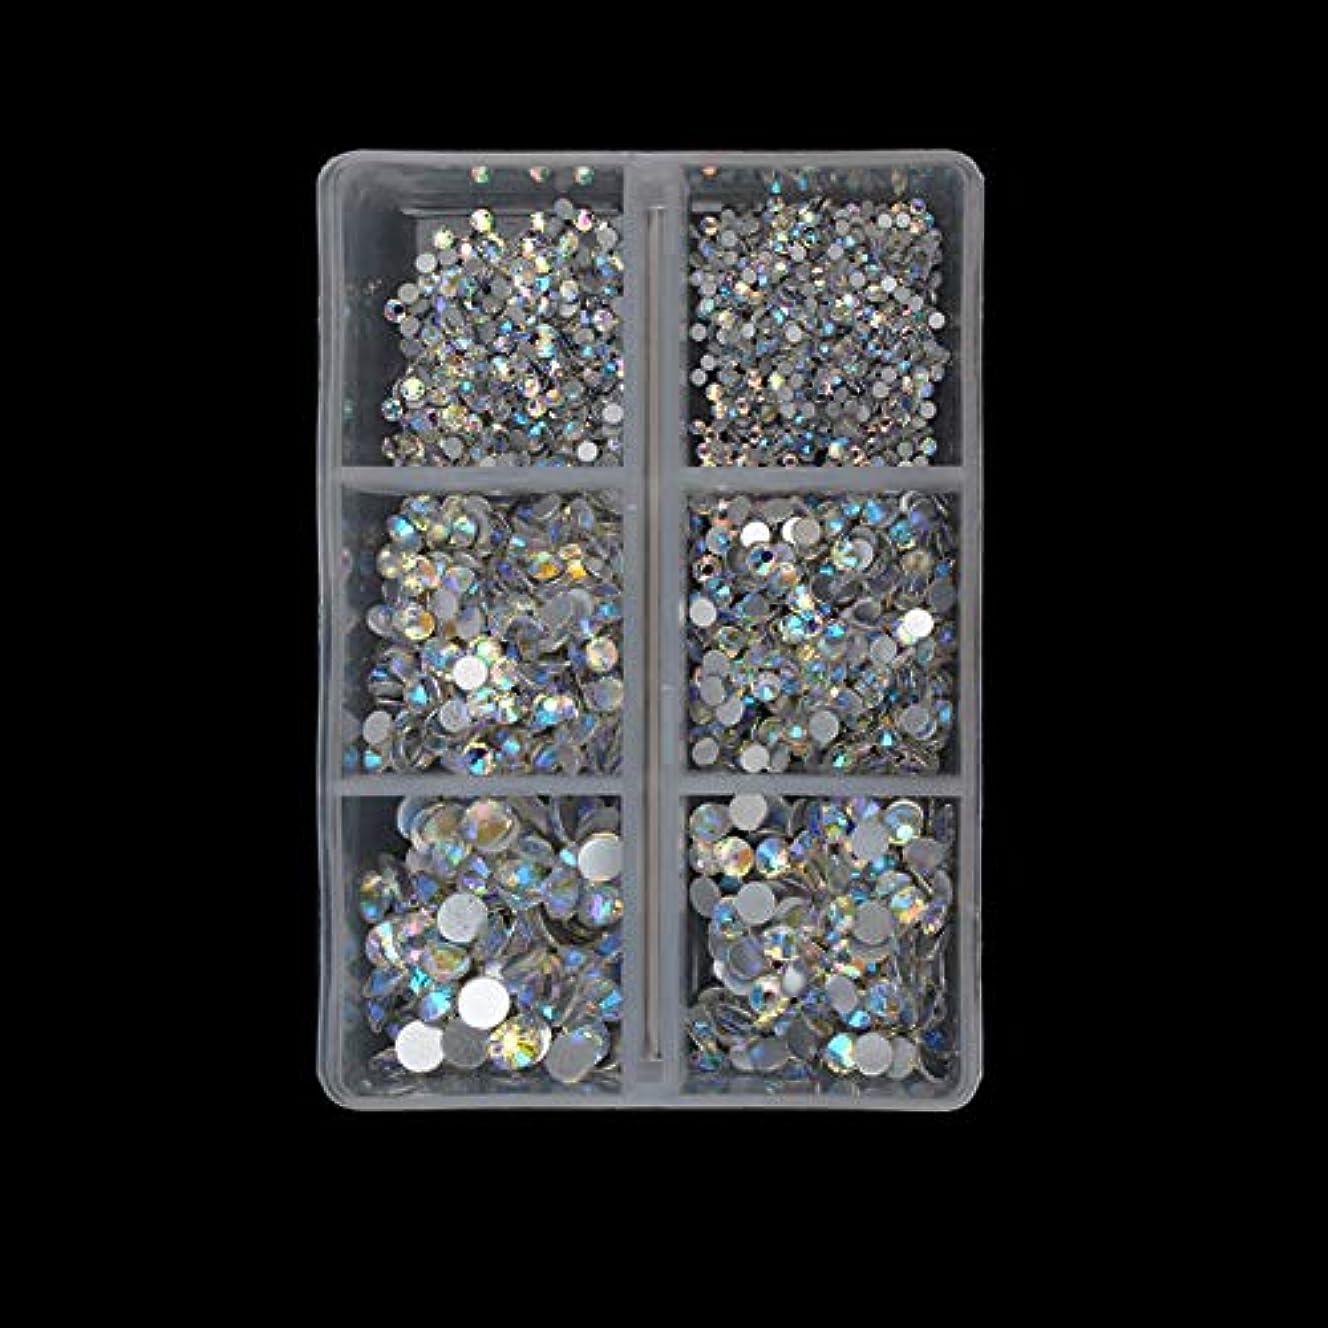 疎外するレビュアー出しますACHICOO ネイルラインストーン UVネイルポリッシュ ネイルジュエリー用 6グリッド/セット キラキラ ガラス 可愛い 手作りネイル   14箱入り